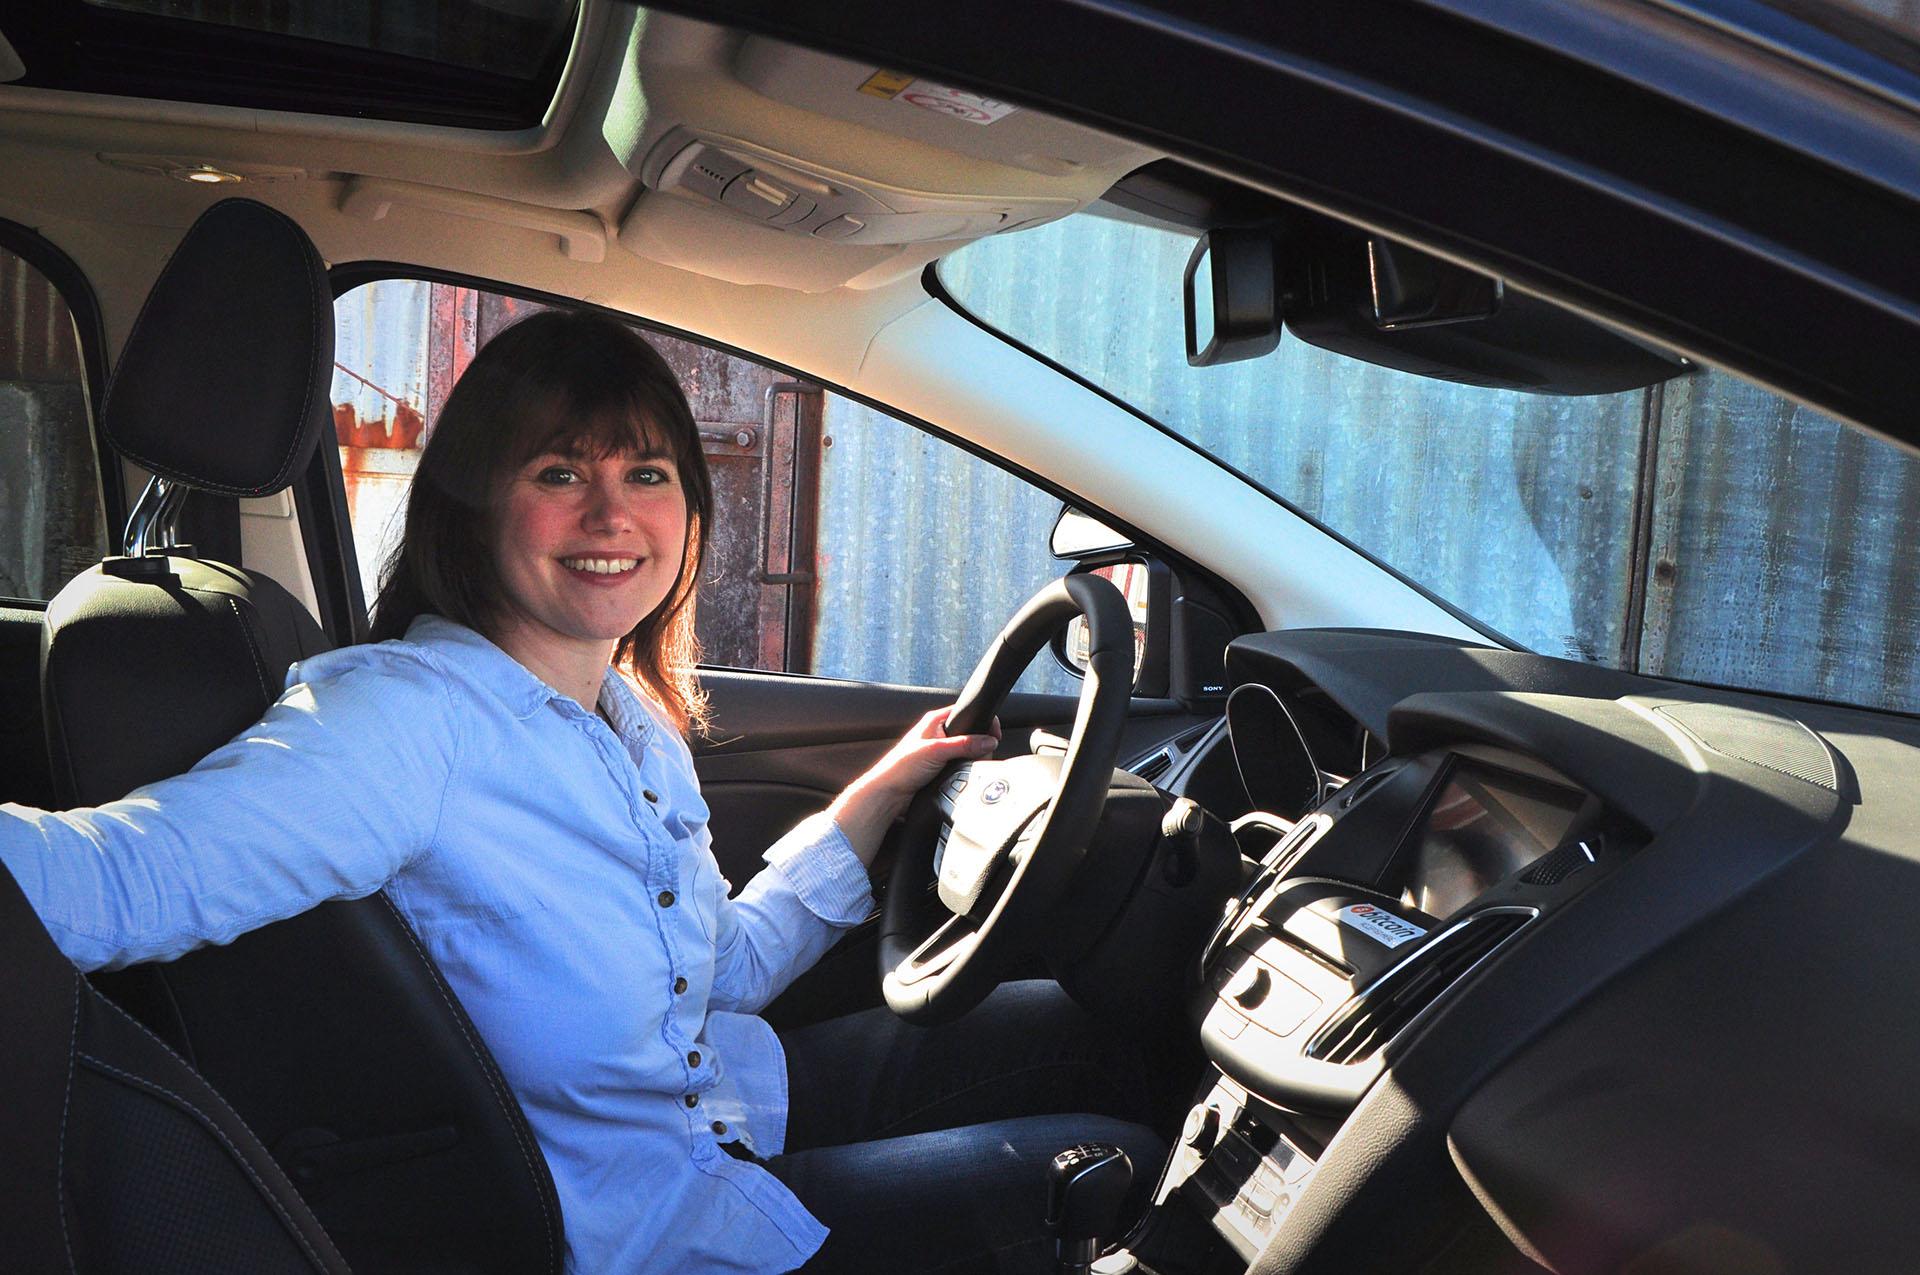 Deine zukünftige Fahrschullehrerin Nathalie in Ihrem Ford.